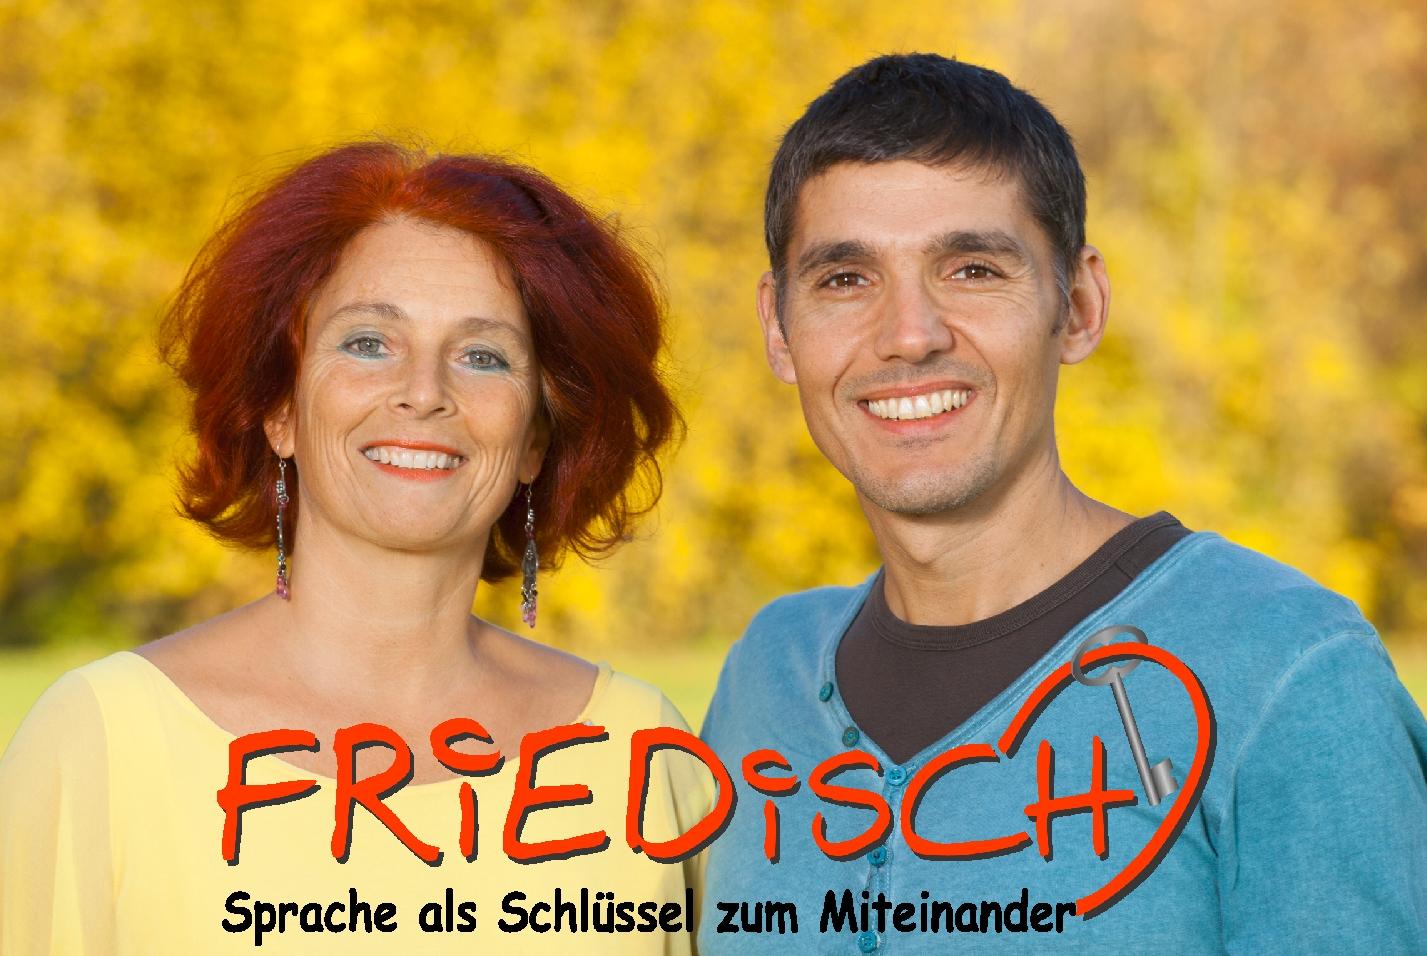 FRIEDISCH ONLINE Schnupperworkshop